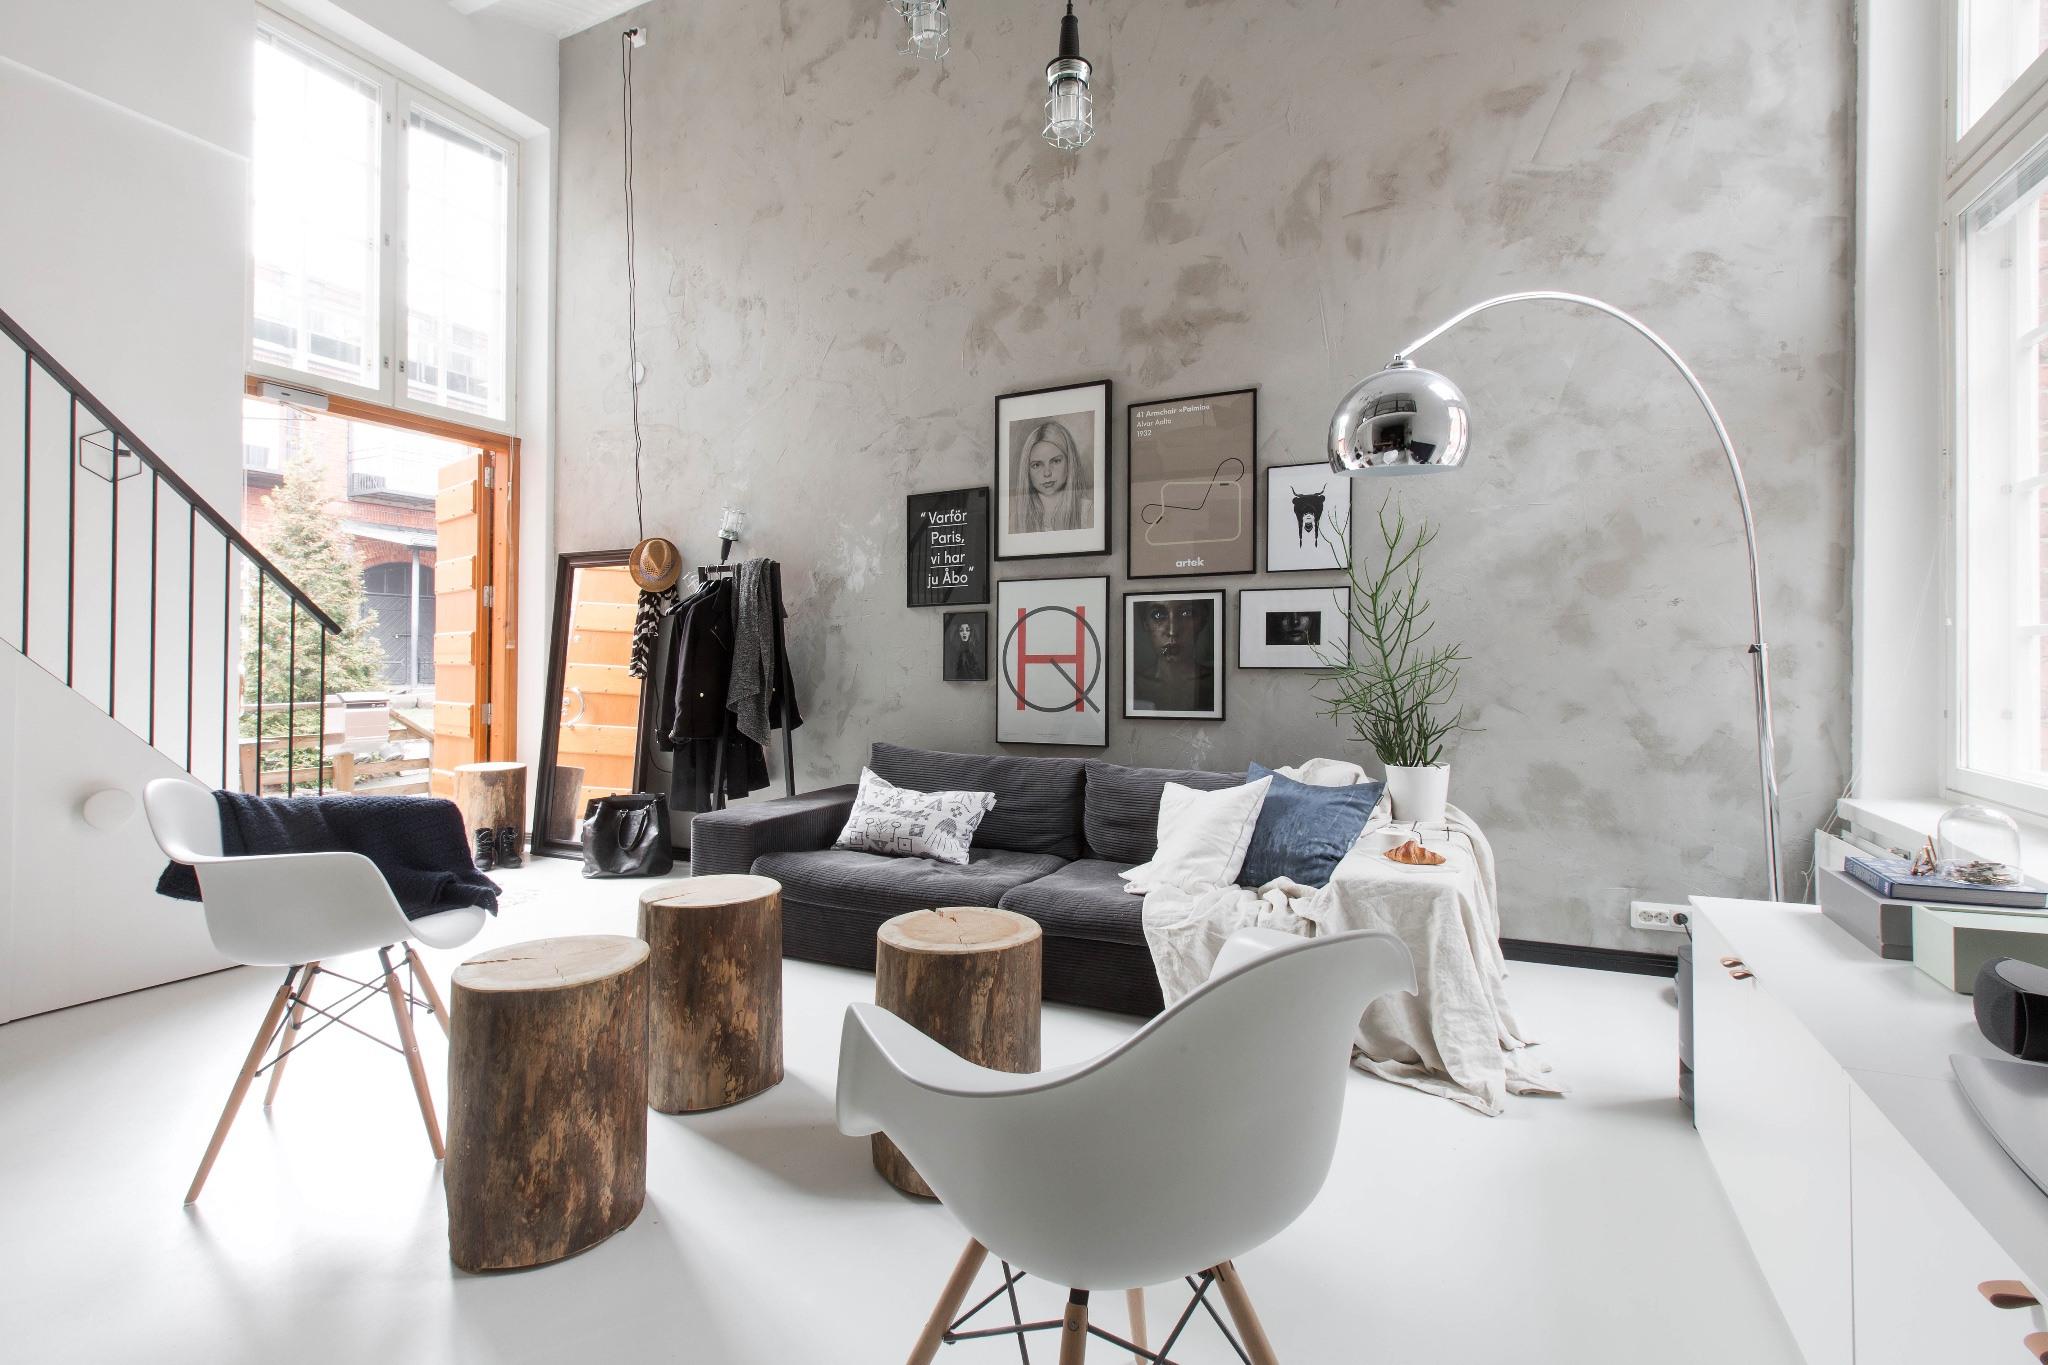 woonkamer inspiratie grijs wit - tg wonen woonmagazine, Deco ideeën